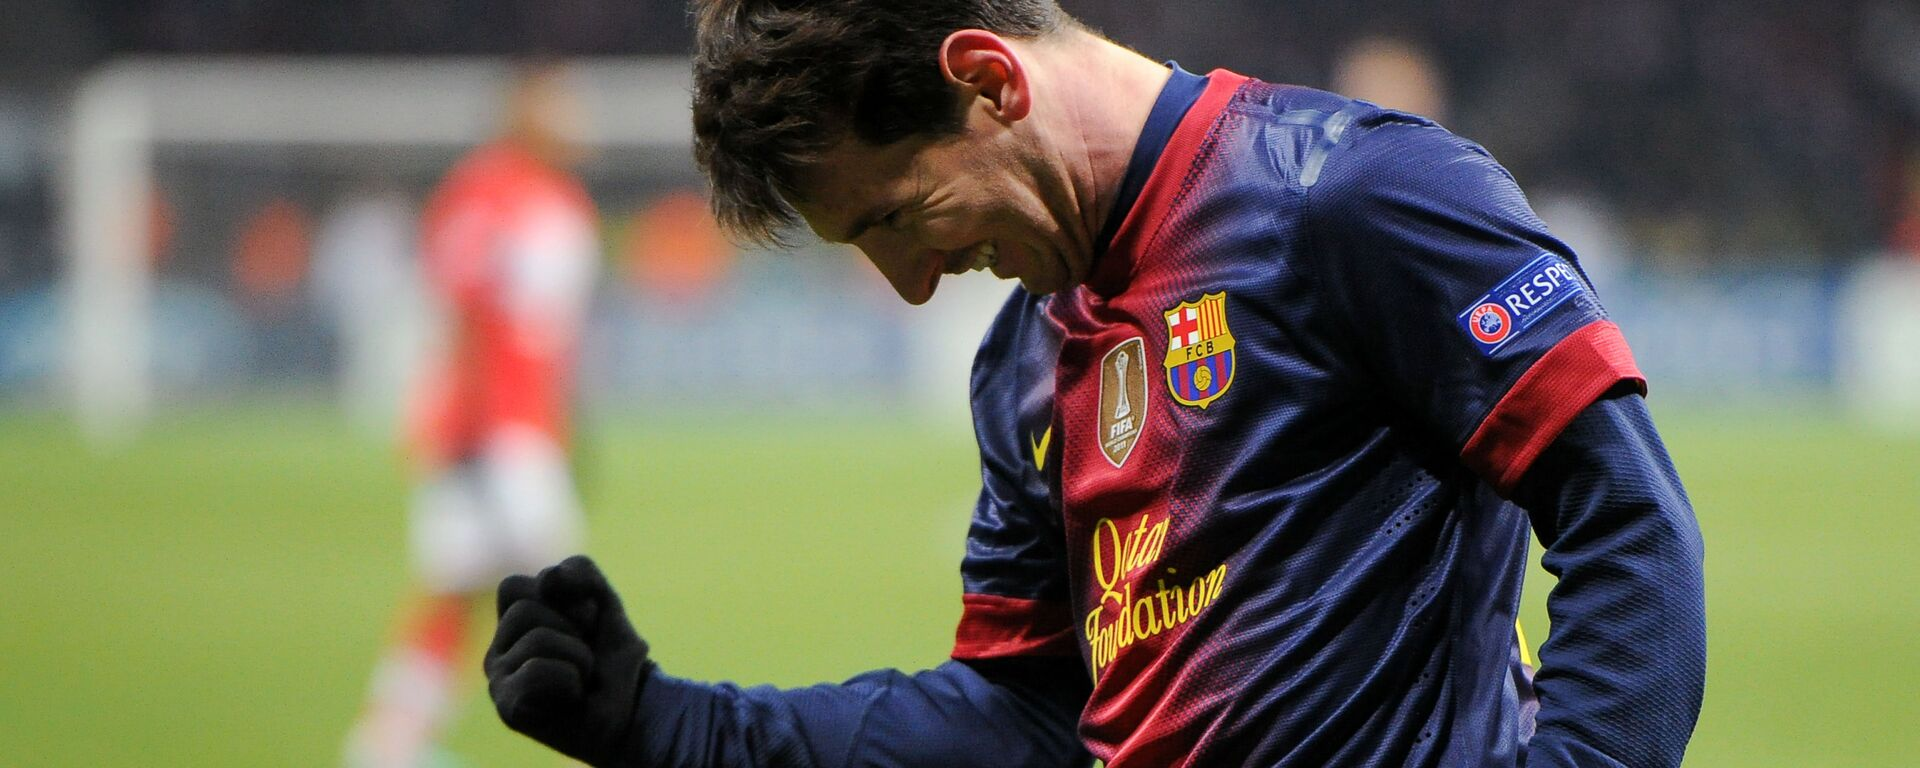 Hráč Barcelony Lionel Messi - Sputnik Česká republika, 1920, 05.08.2021